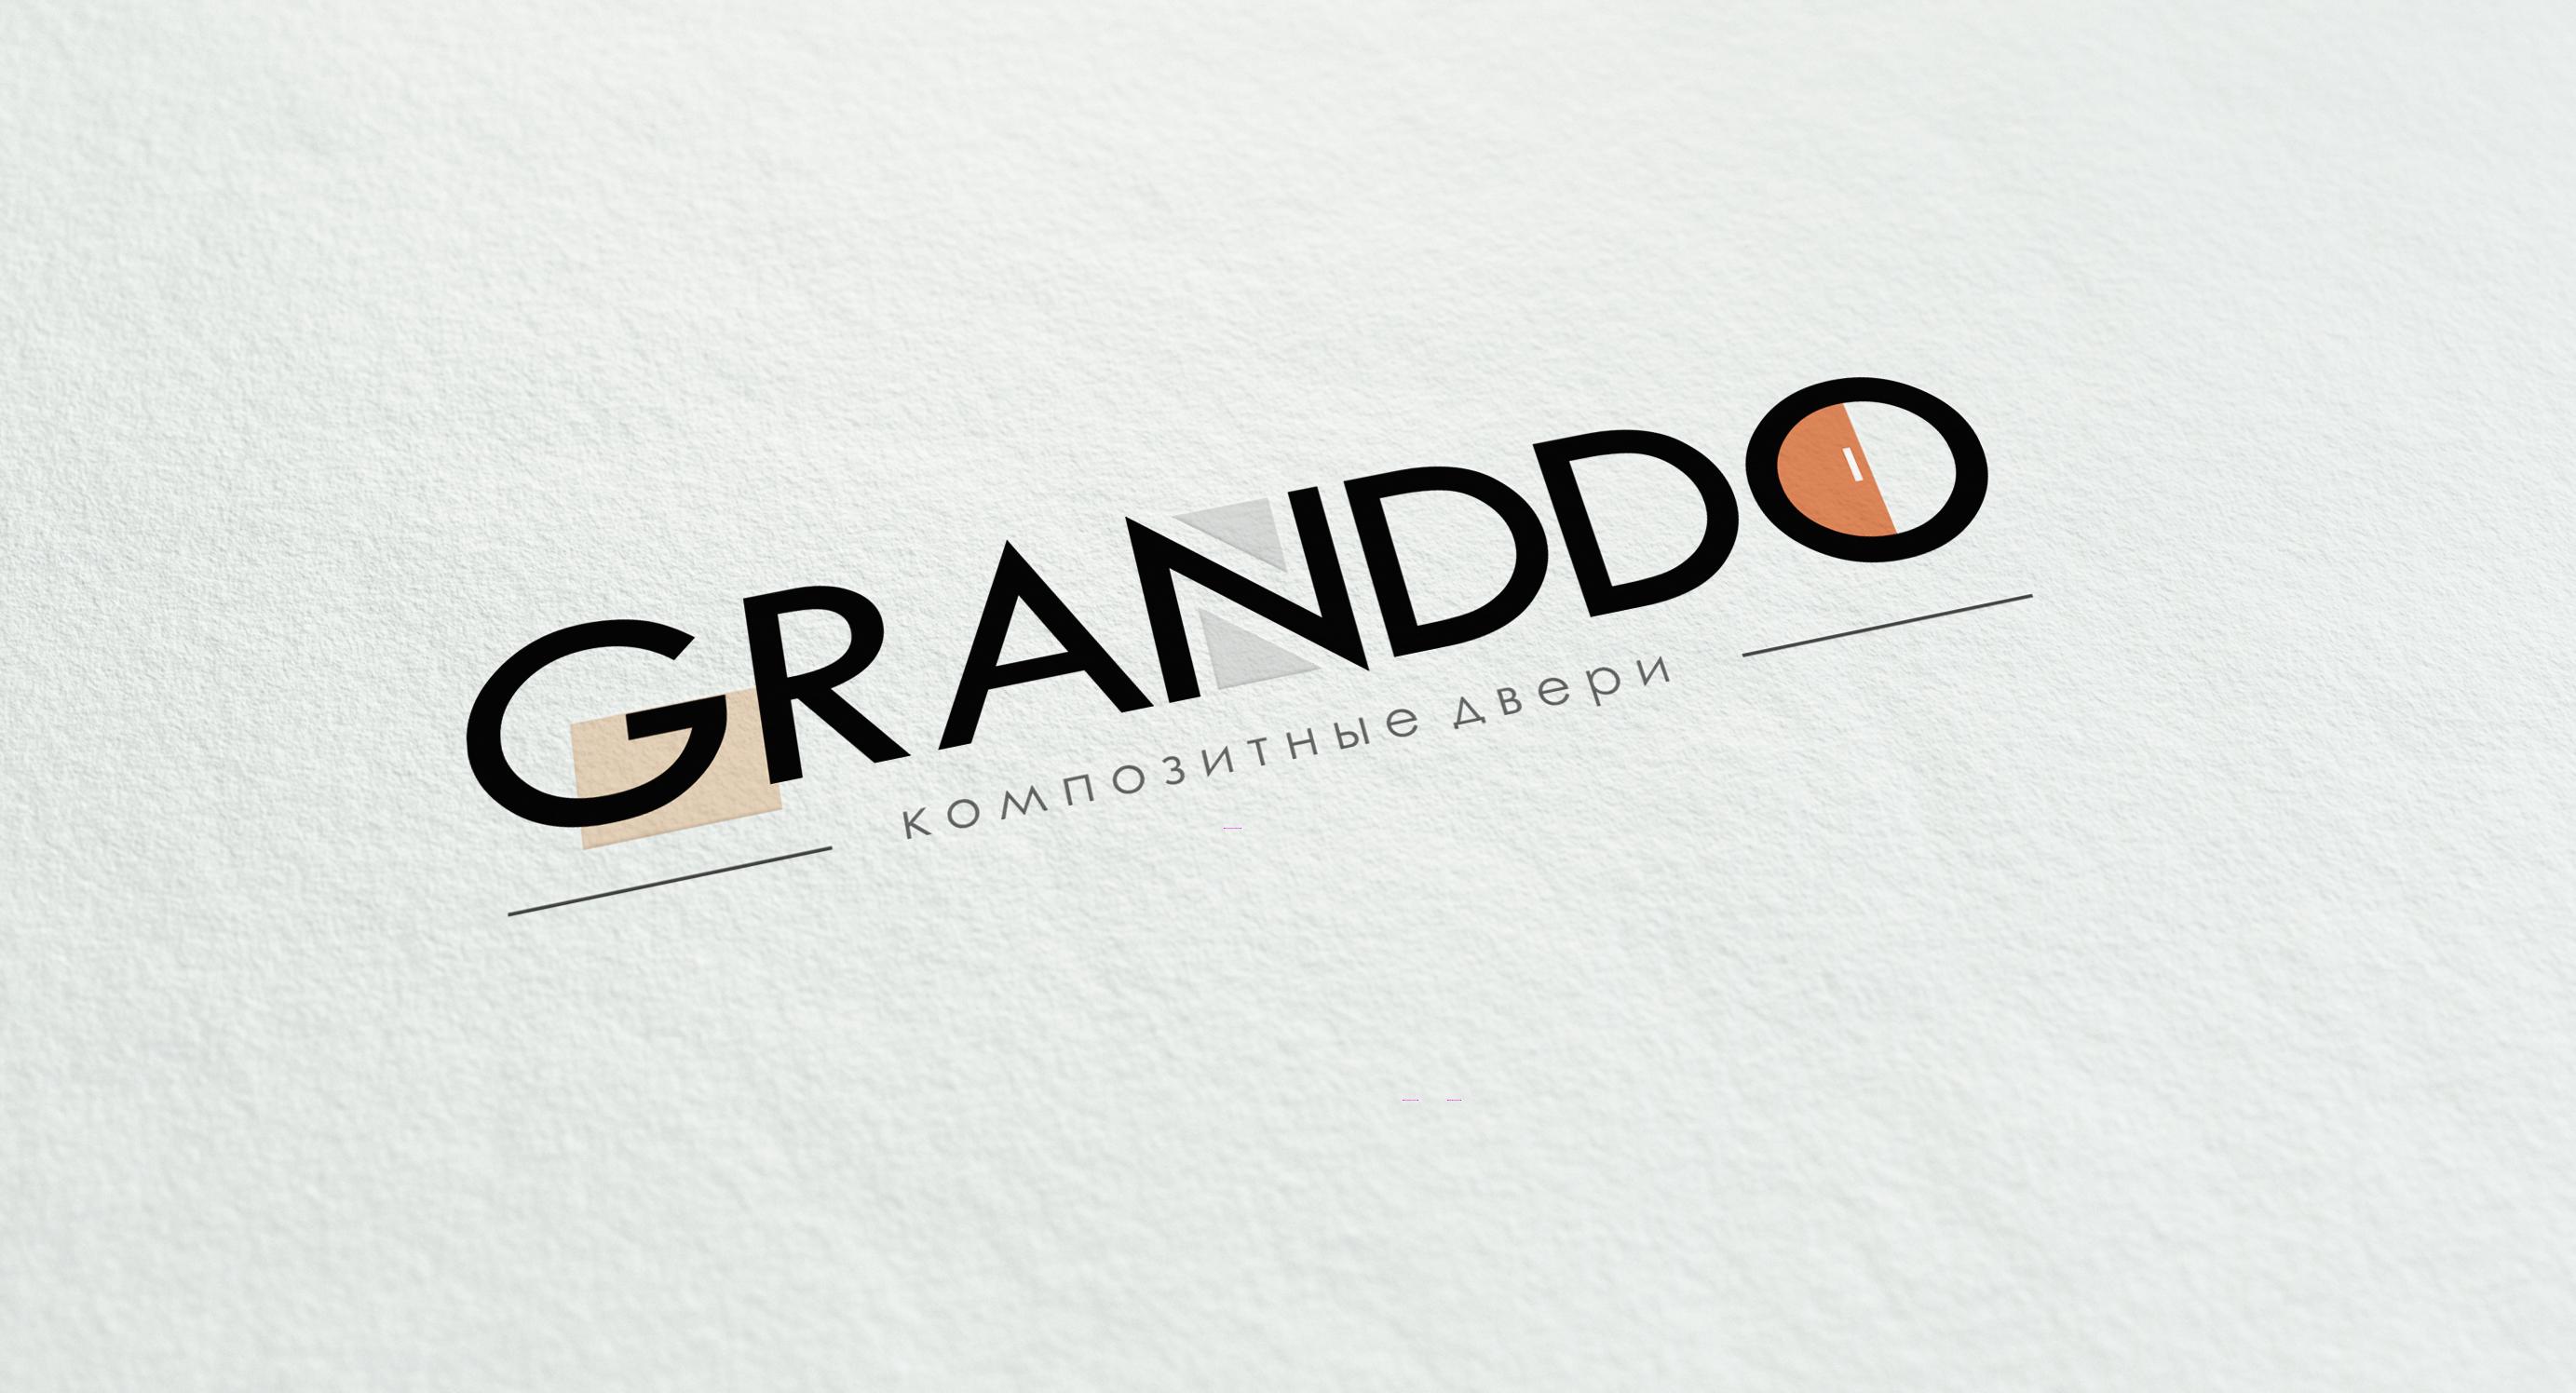 Разработка логотипа фото f_4455a8fd81e538ff.jpg